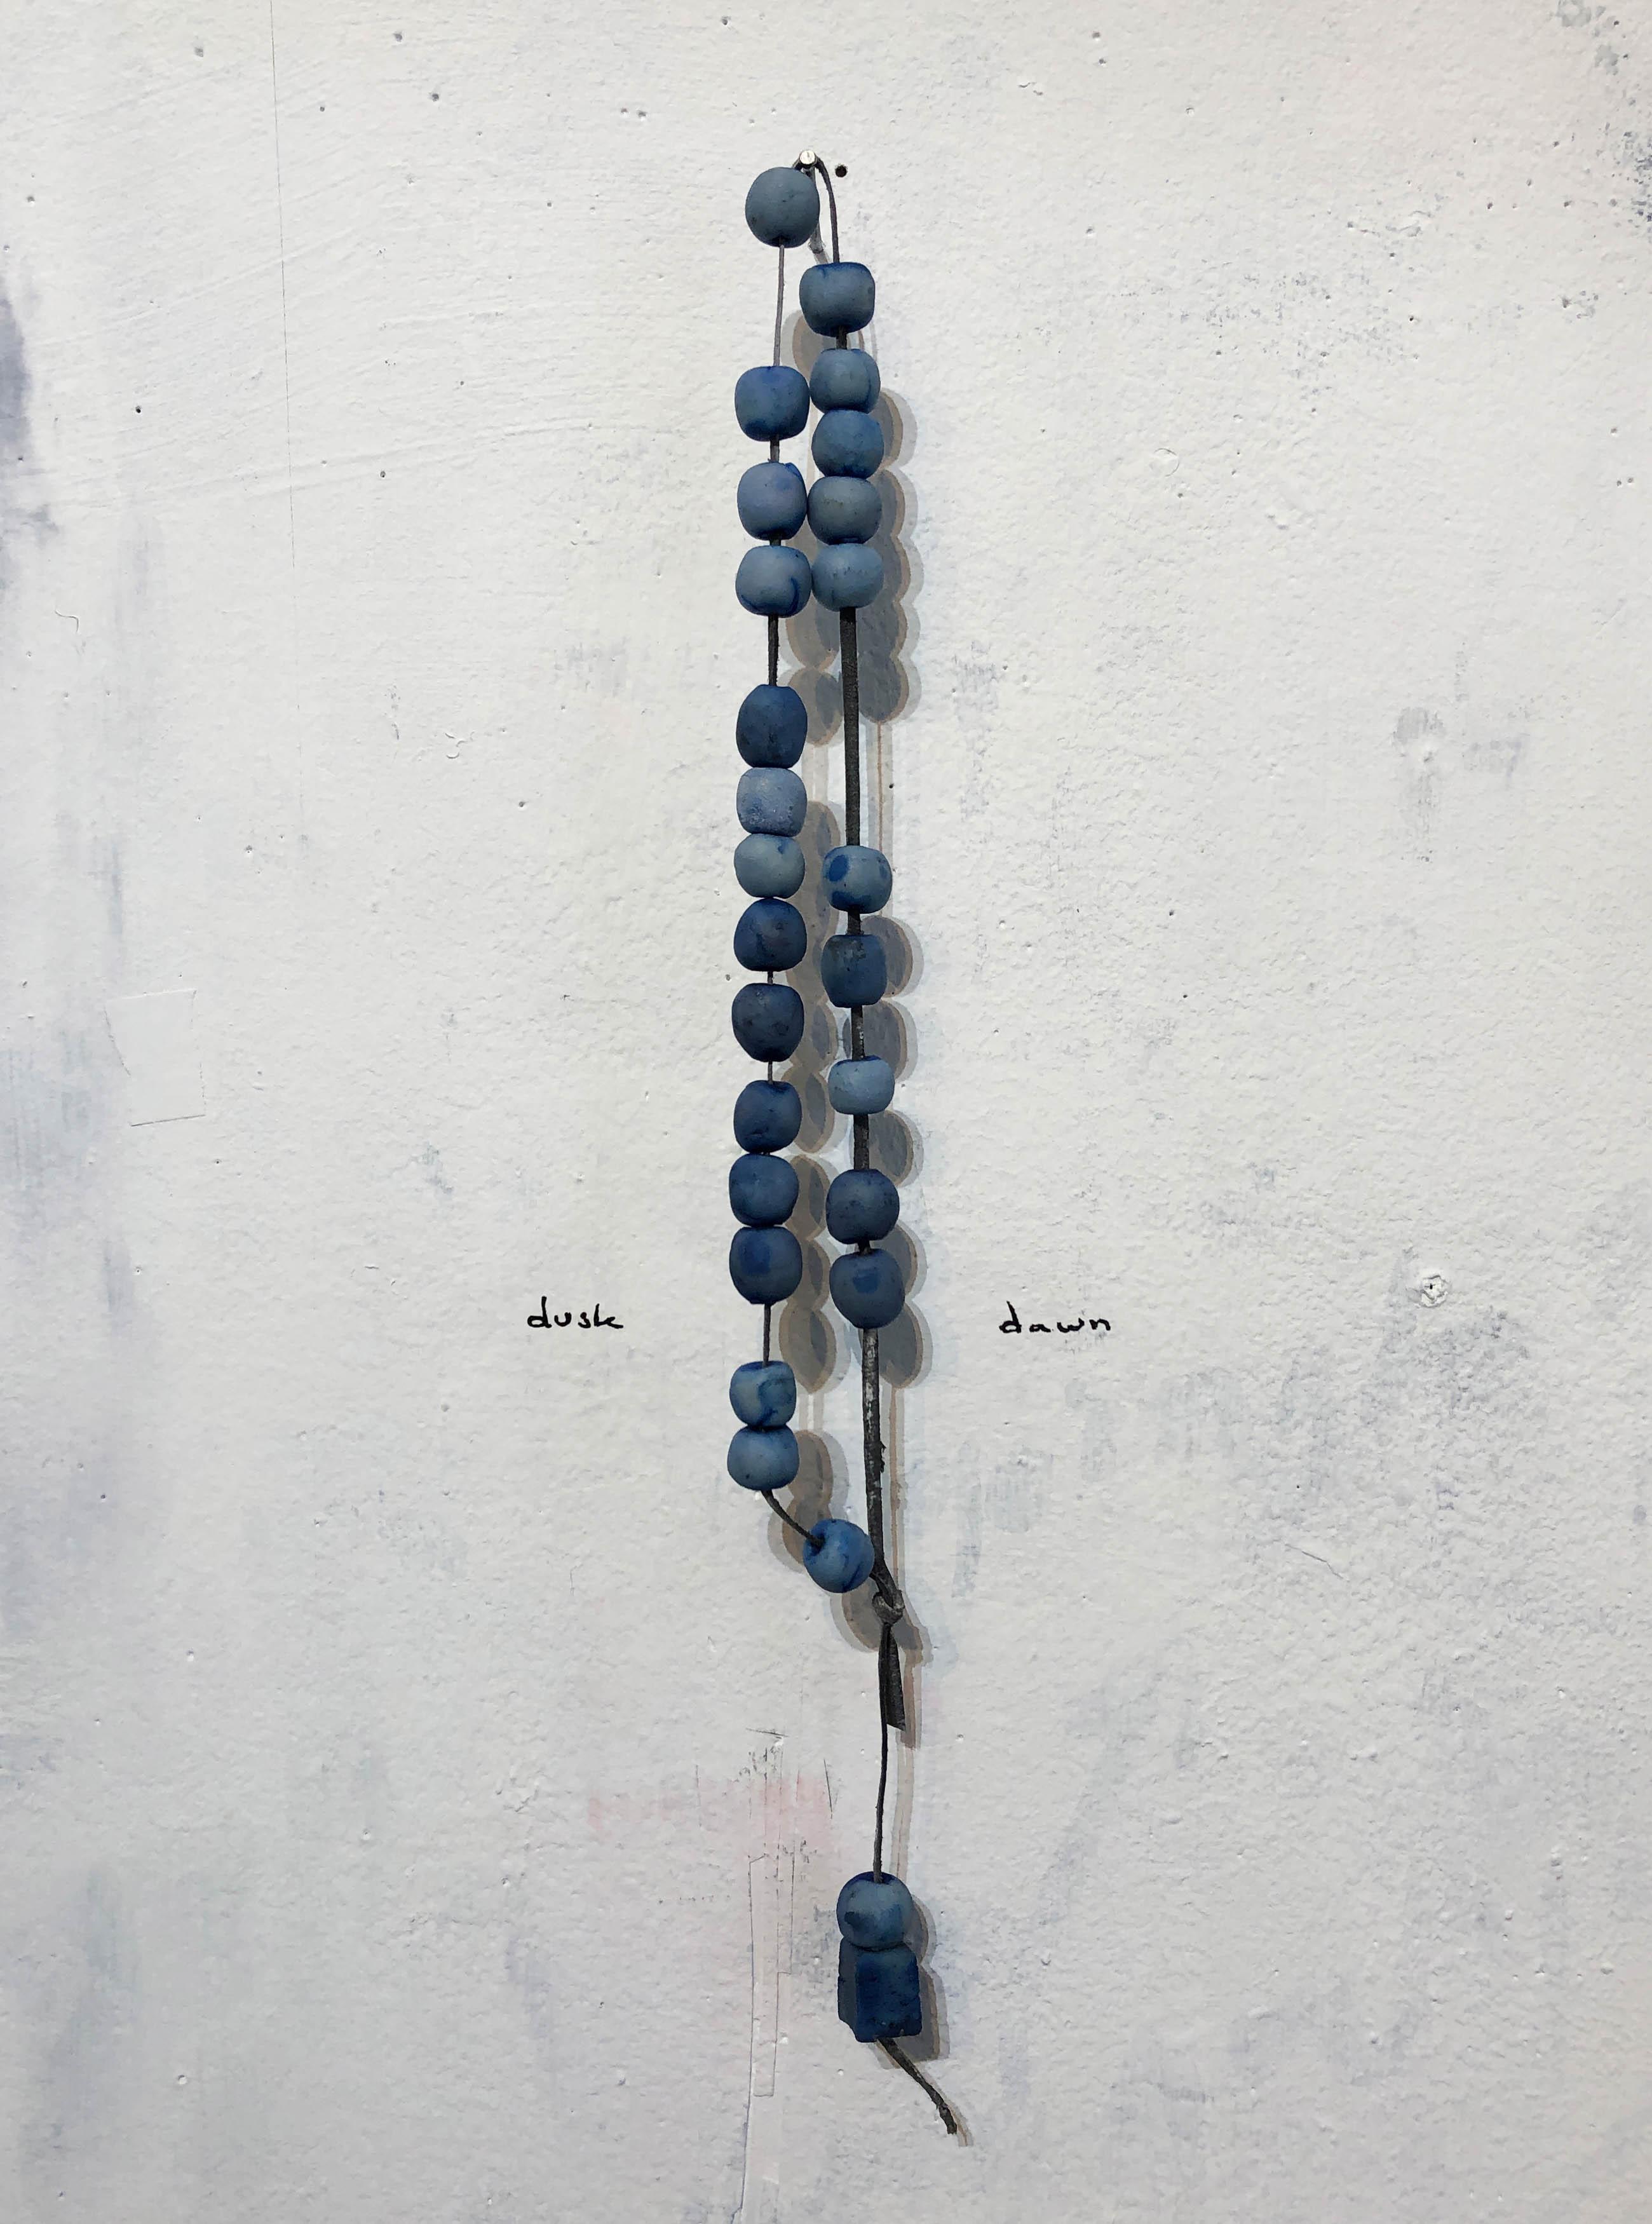 Annabel Daou - dusk/dawn, 2020